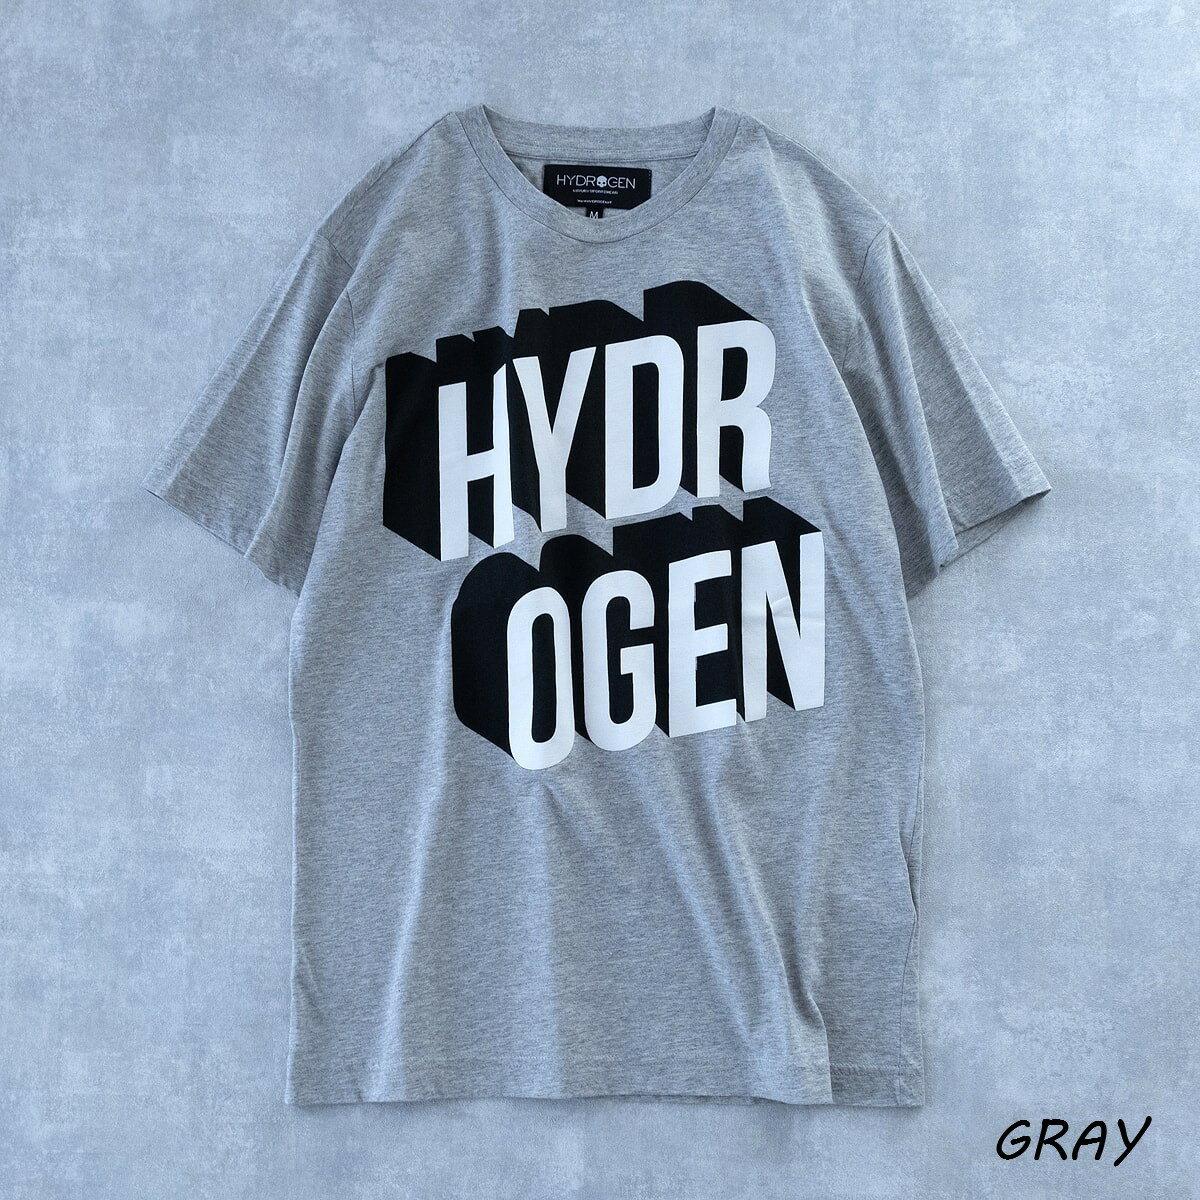 トップス, Tシャツ・カットソー SALE 20OFF HYDROGEN 80s T-SHIRT (2 GRAYBLACK) 210-60441001 T